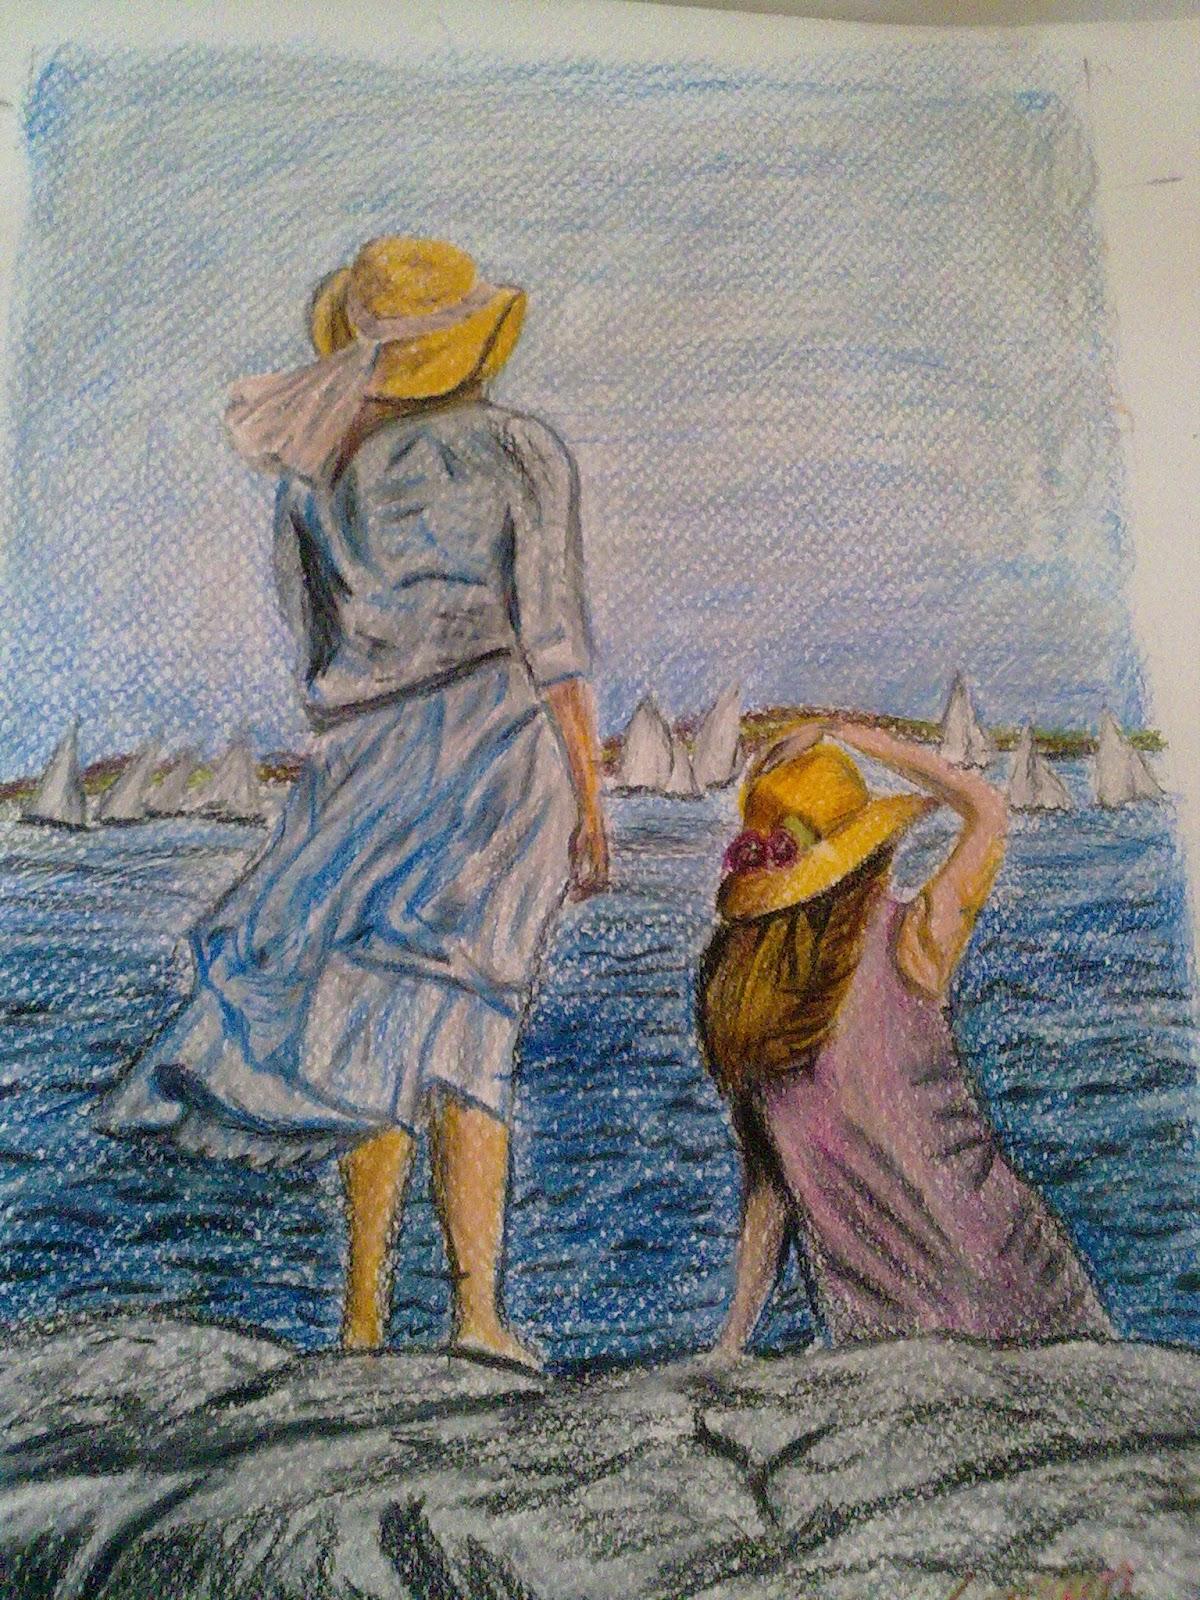 Renkli karakalem çalışmaları ve çizimleri